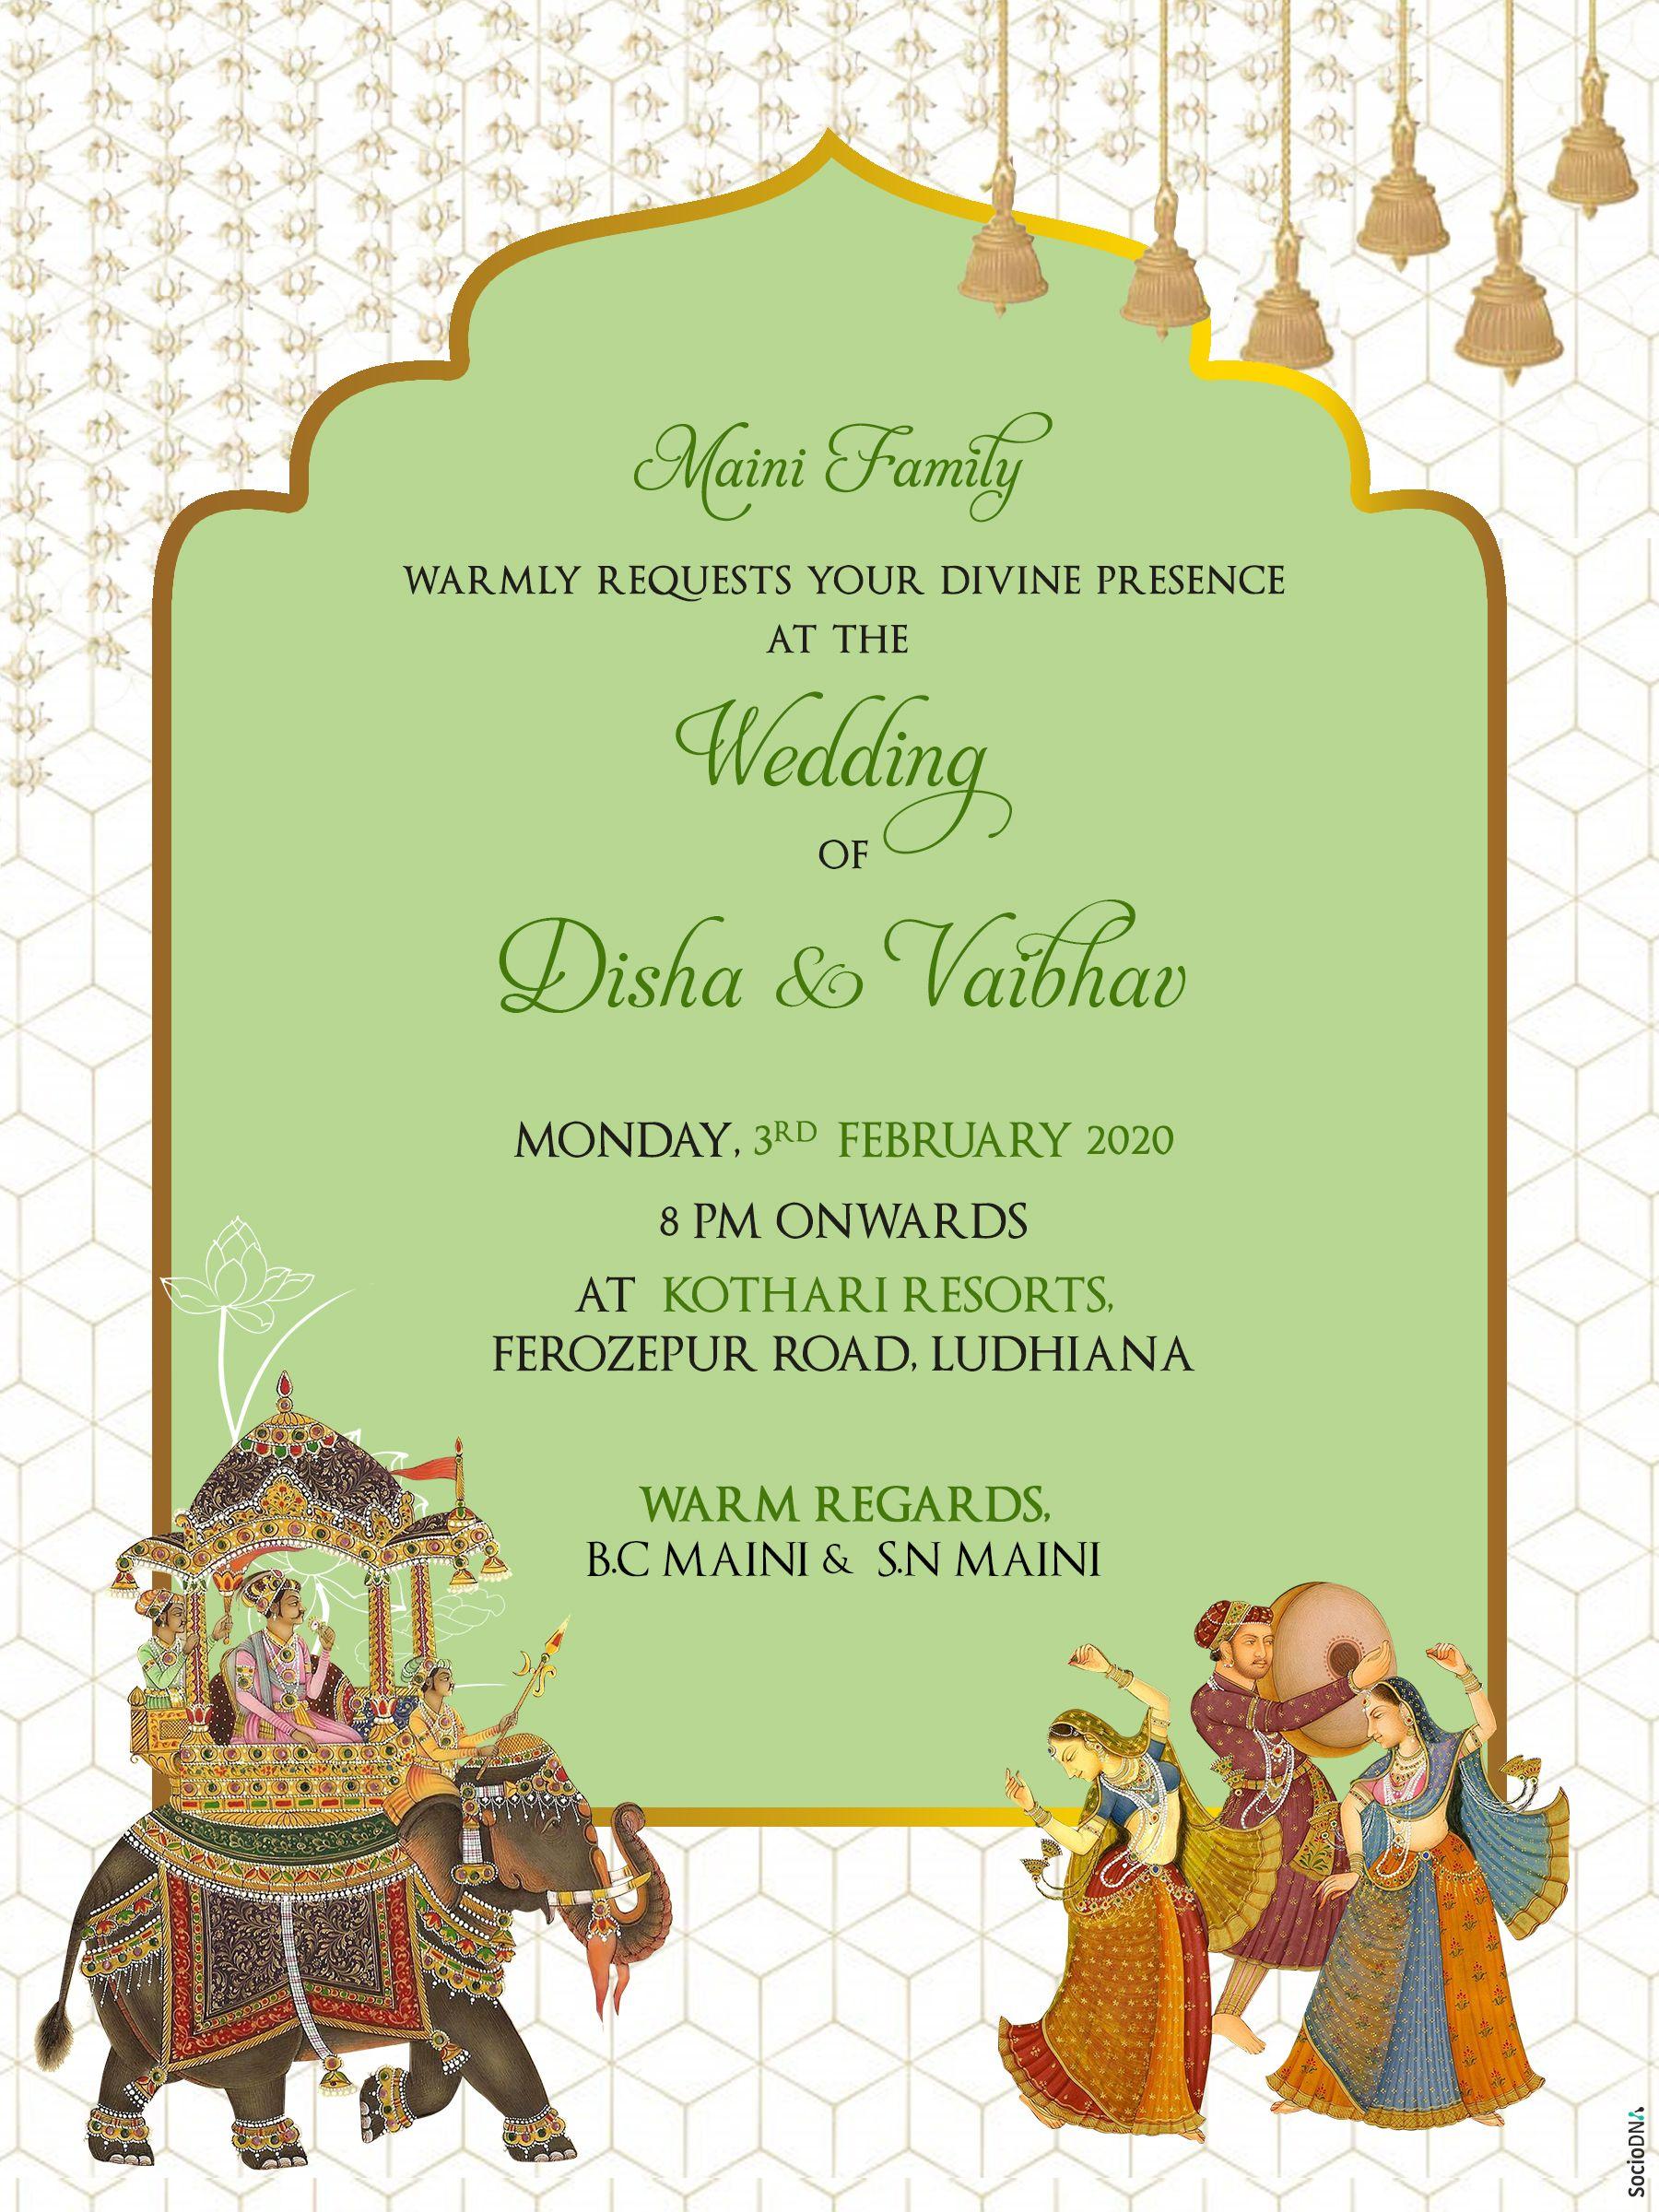 Digital Invites E Cards Invites Invitation Cards Wedding Invite In 2020 Wedding Invitation Video Wedding Invitations Simple Wedding Cards